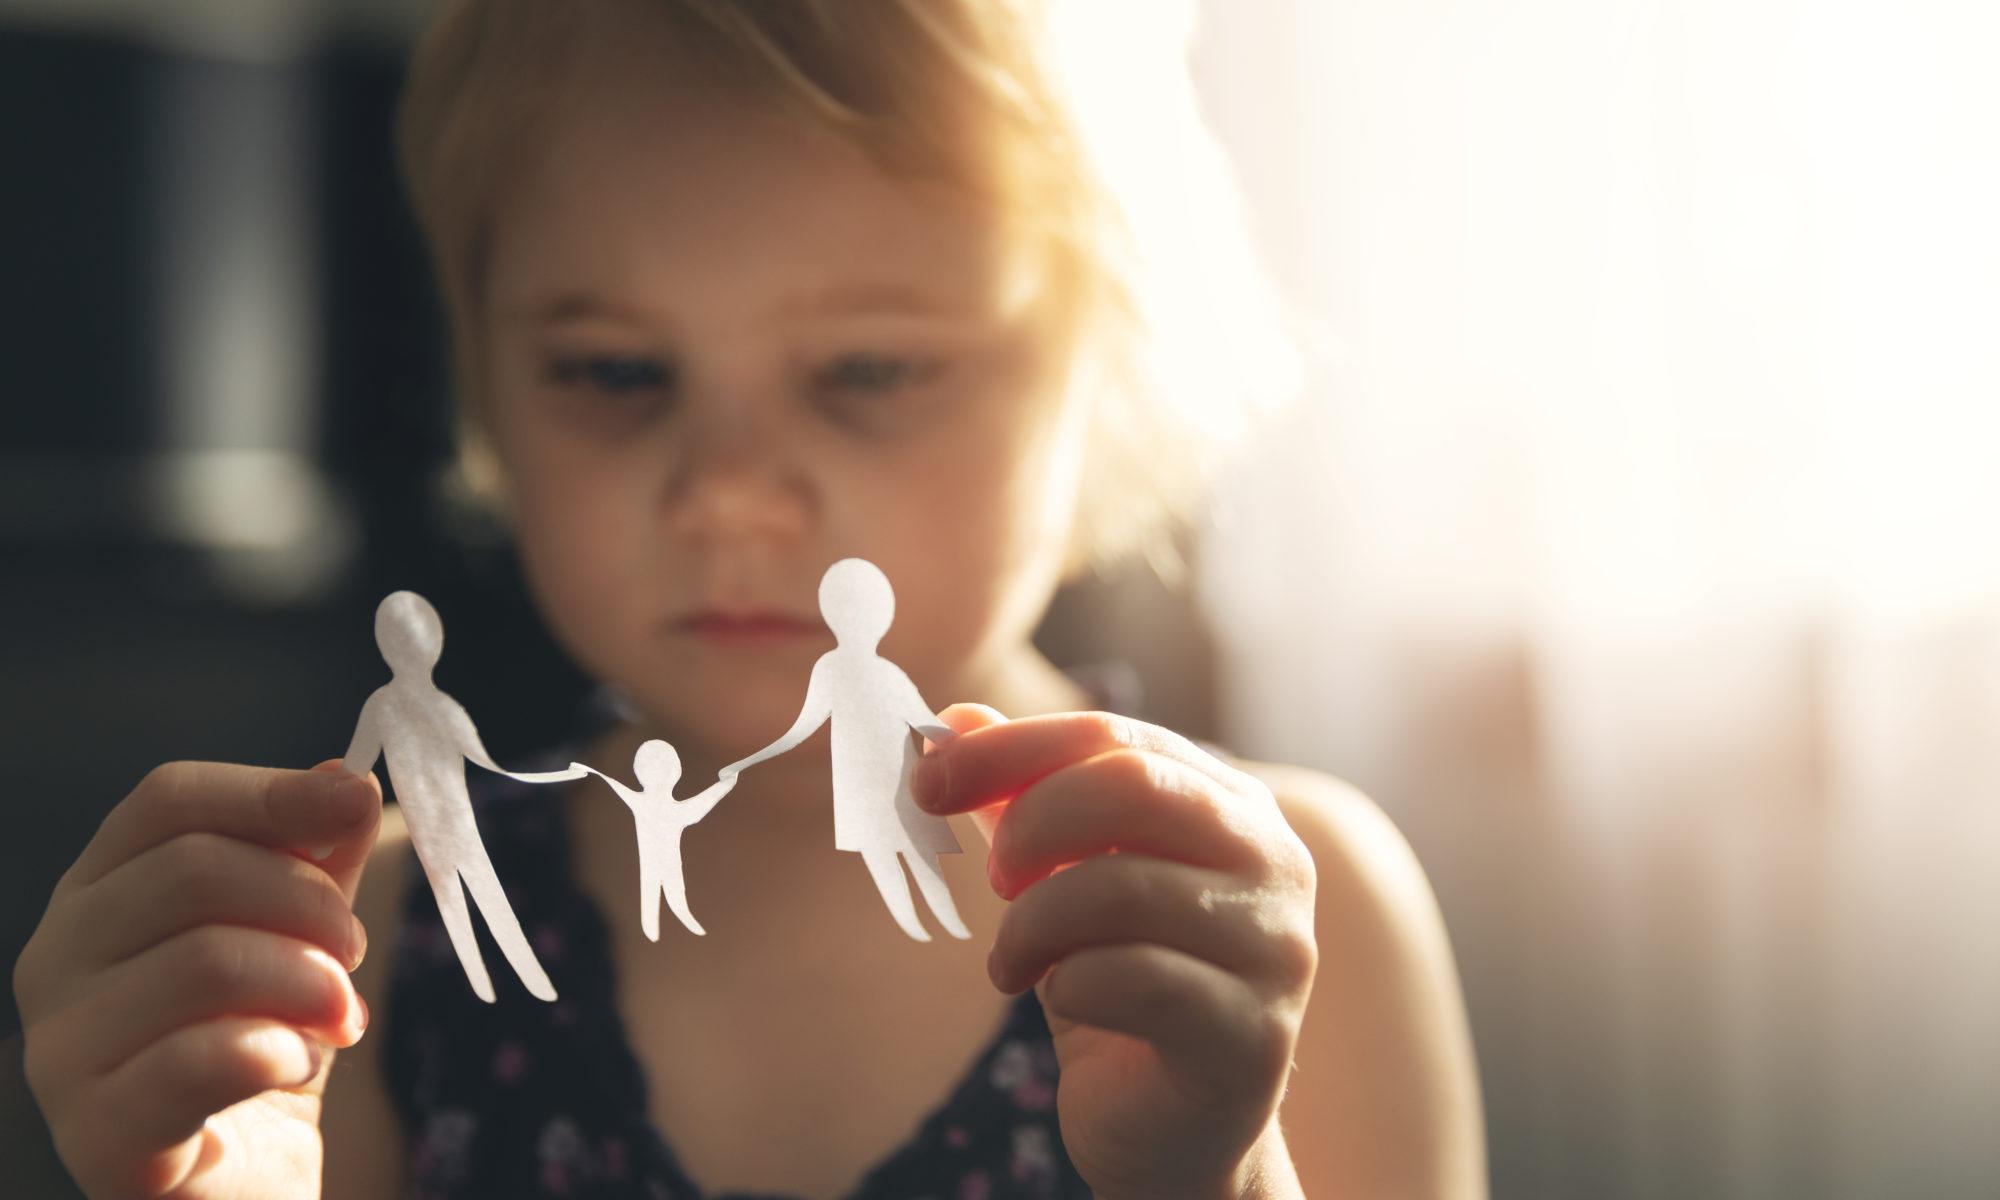 AdobeStock 330330289 2000x1200 - Alleinerziehende und ihre Kinder massiv von Armut und Hartz IV betroffen